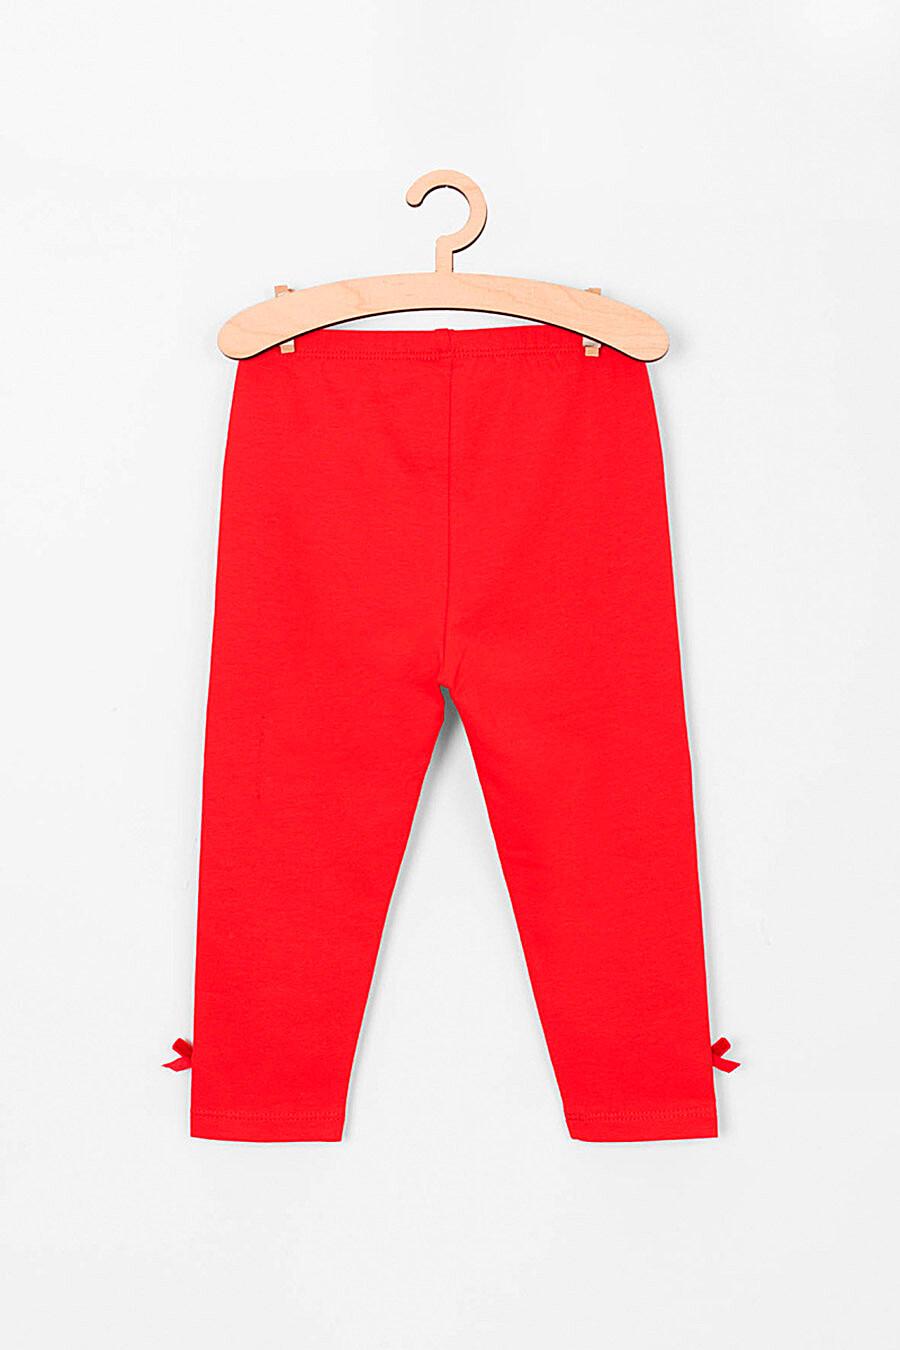 Леггинсы для девочек 5.10.15 707007 купить оптом от производителя. Совместная покупка детской одежды в OptMoyo